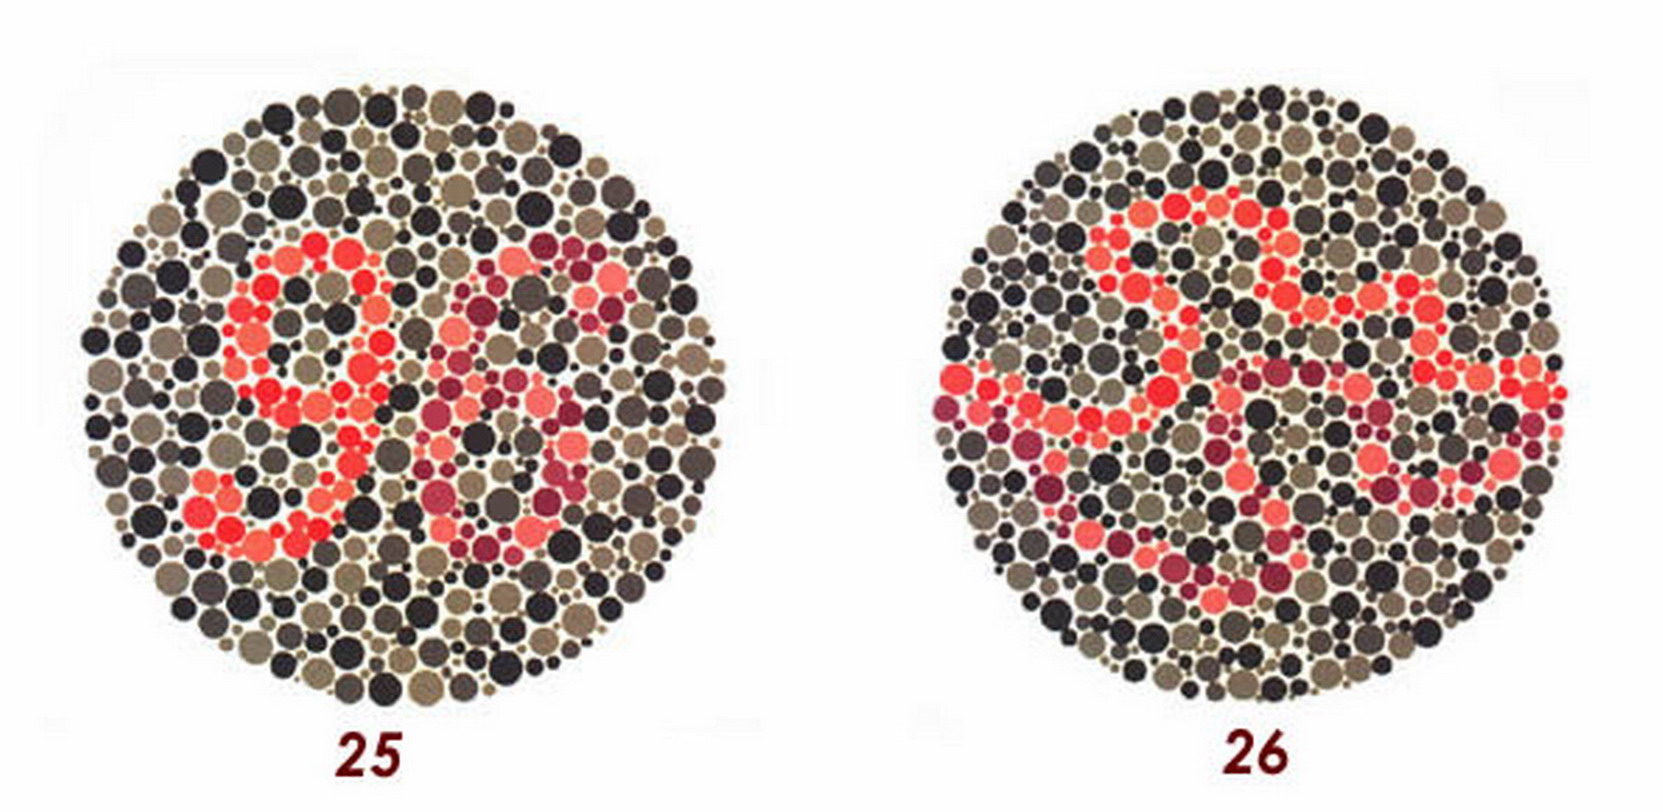 Medicina online tavole di ishihara test daltonismo tavole - Tavole di ishihara test ...